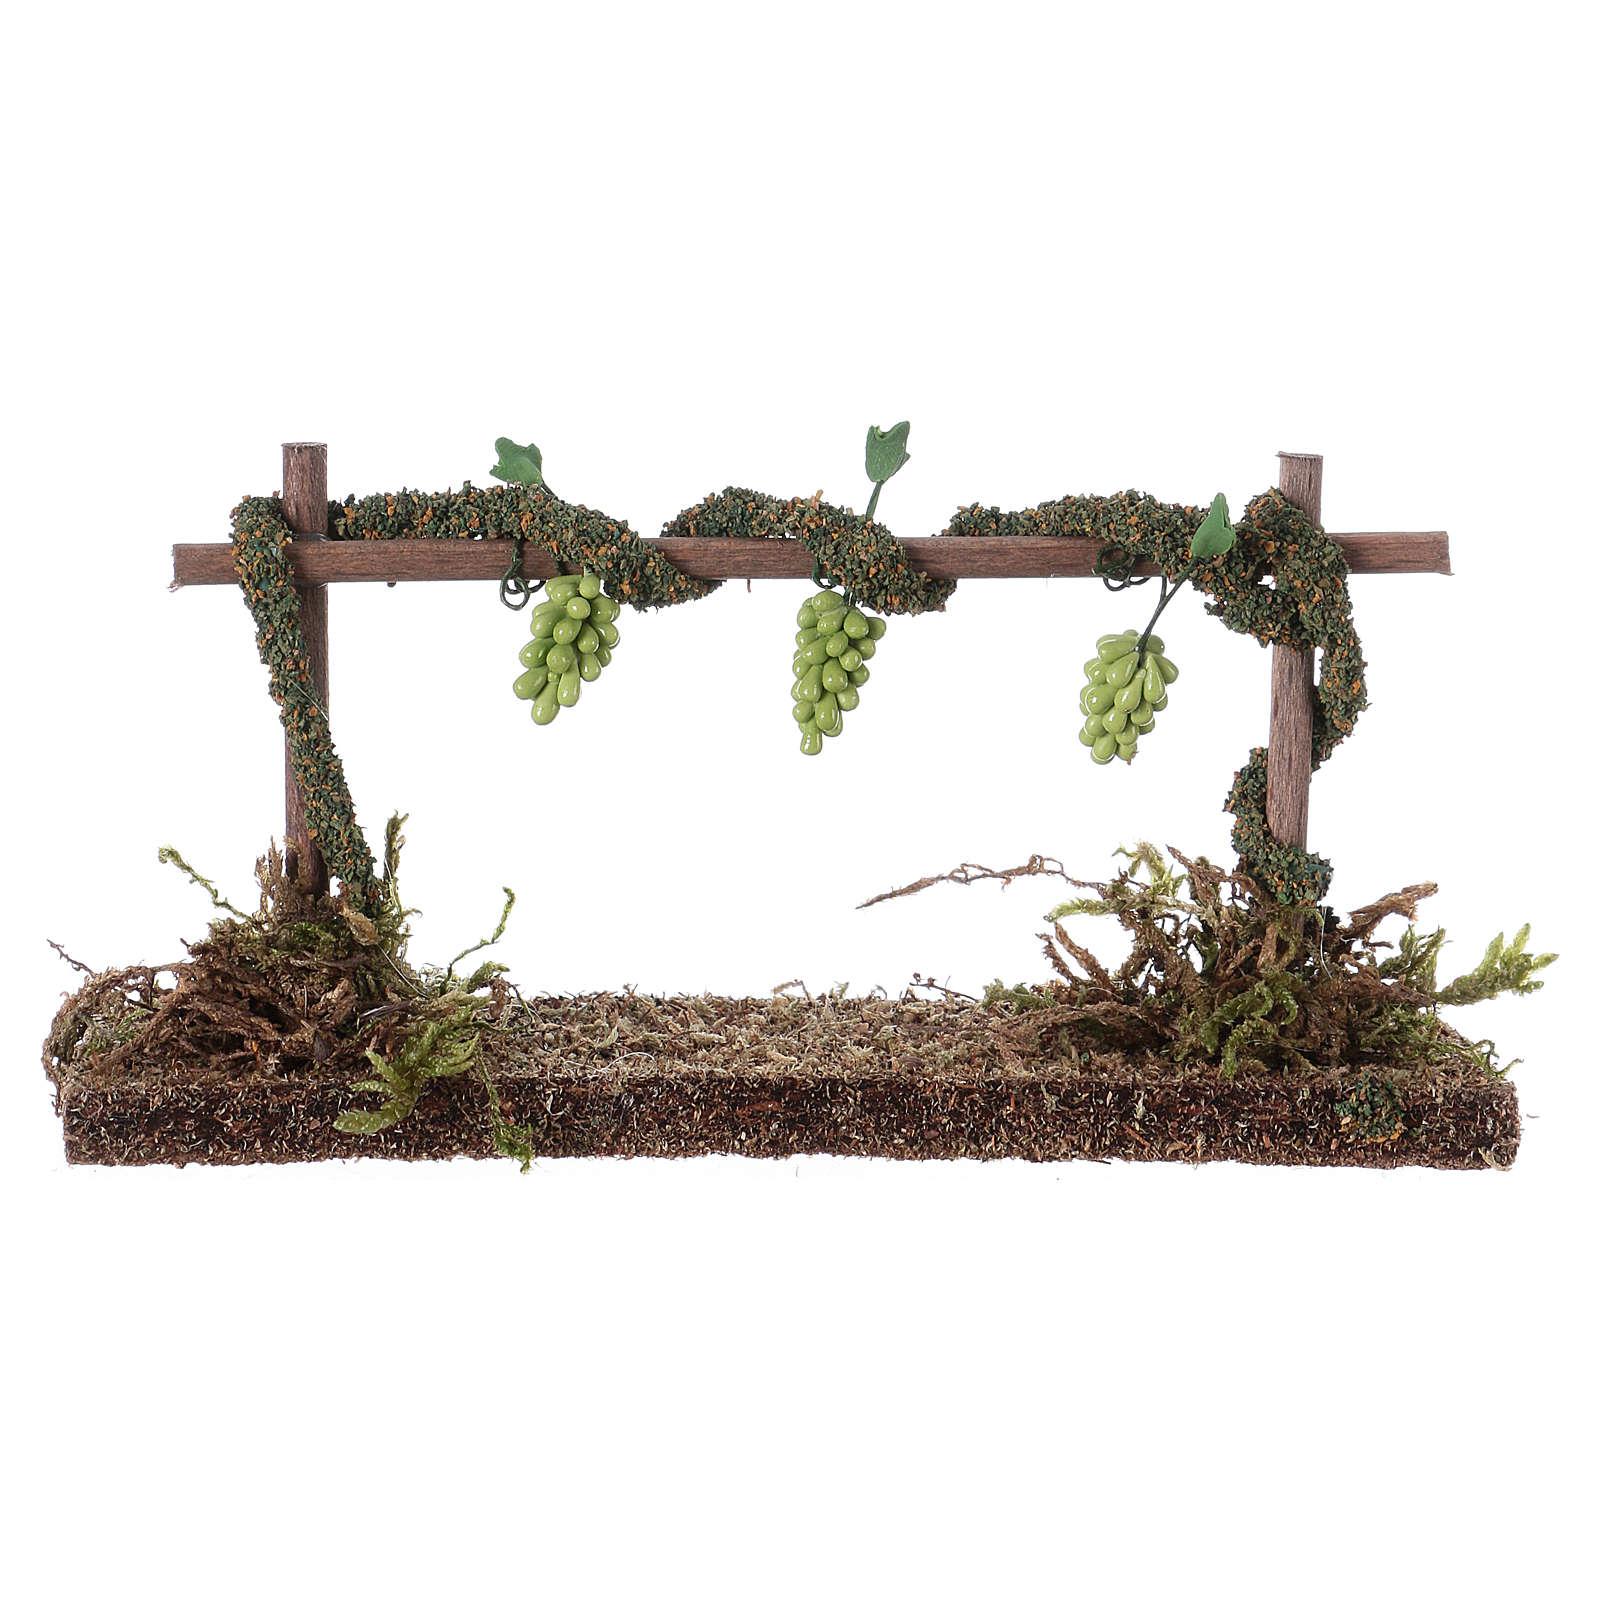 Rang de vigne pour crèche 5x15x5 cm 4